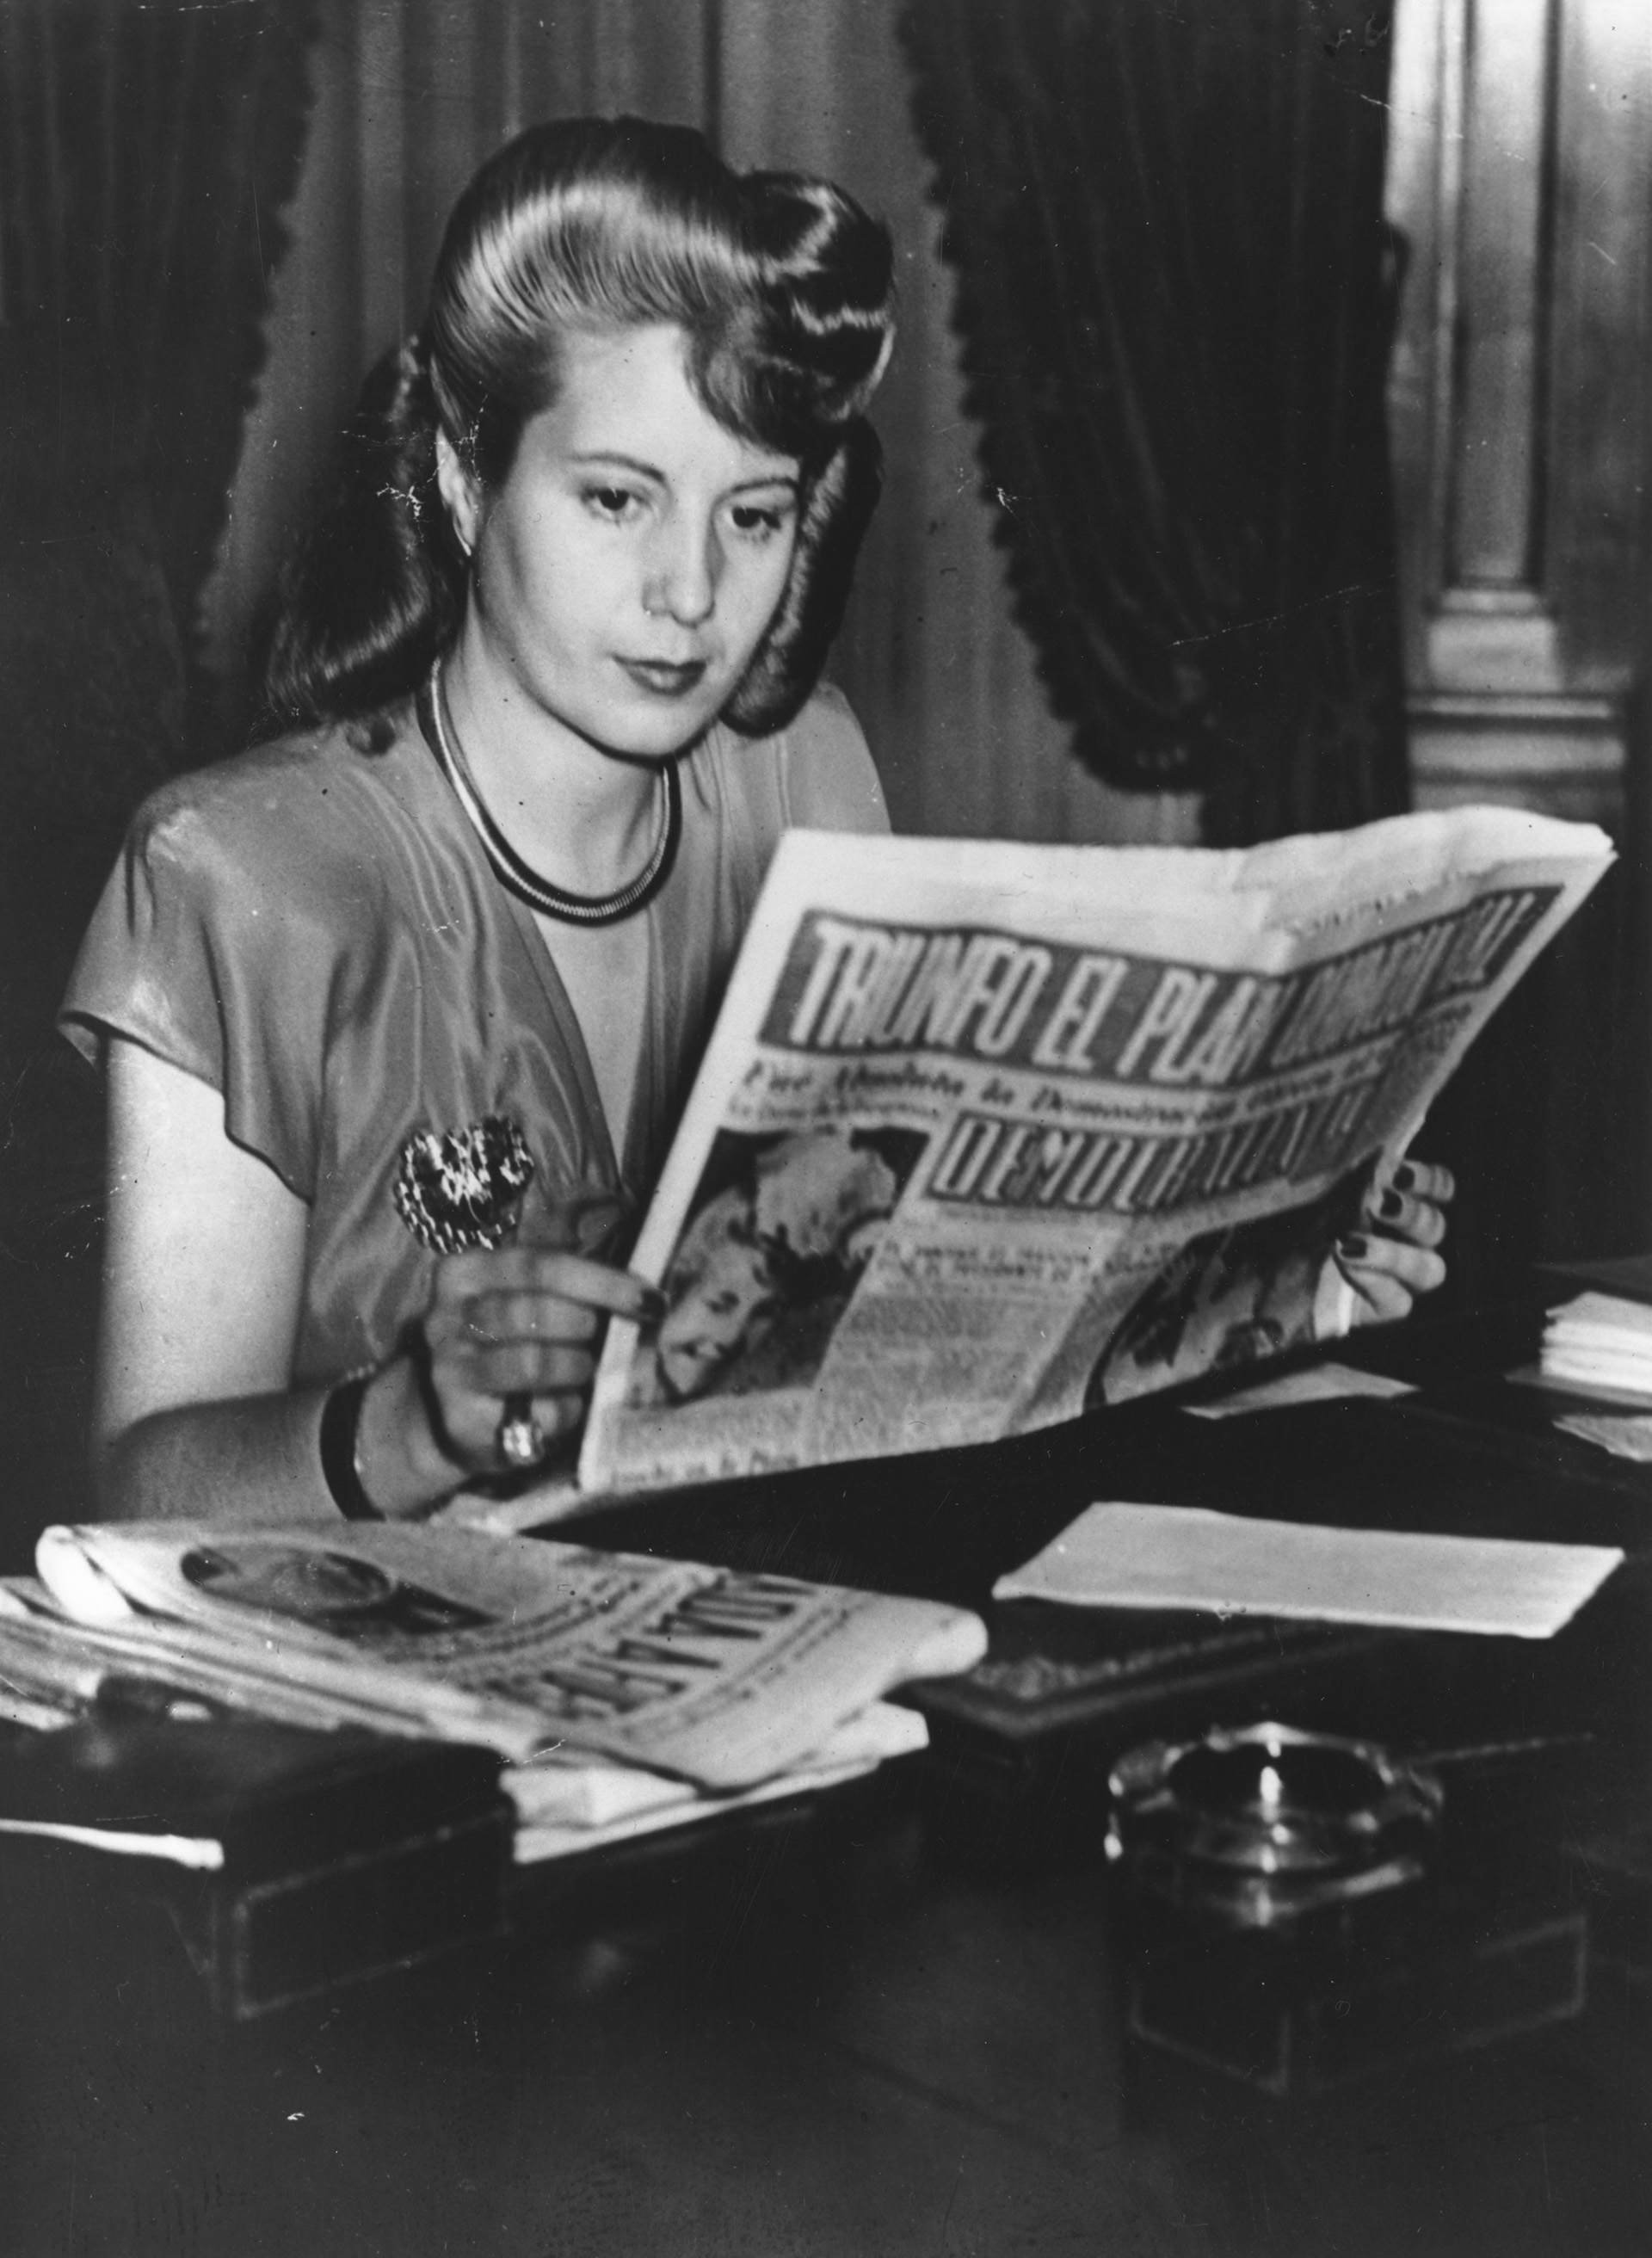 Eva Perón, en abril 1947 (Photo by Keystone/Getty Images)